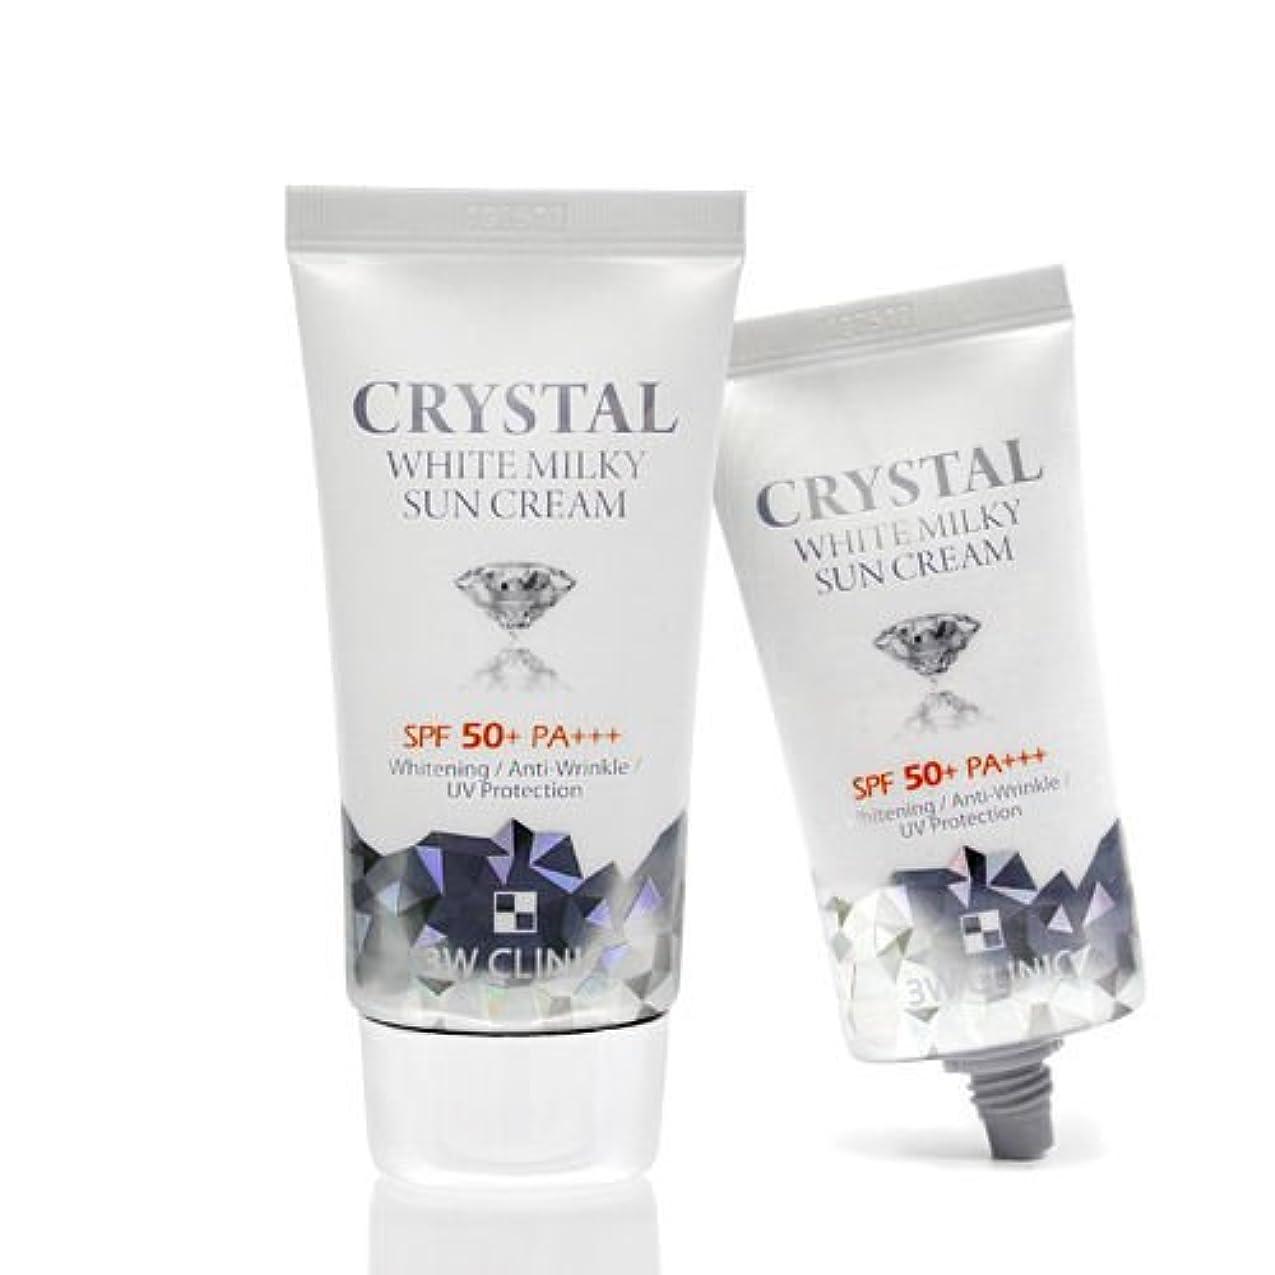 あいまいトムオードリースペインギリック3Wクリニック[韓国コスメ3w Clinic]Crystal White Milky Sun Cream クリスタルホワイトミルキー 日焼け止めクリーム50ml[並行輸入品]